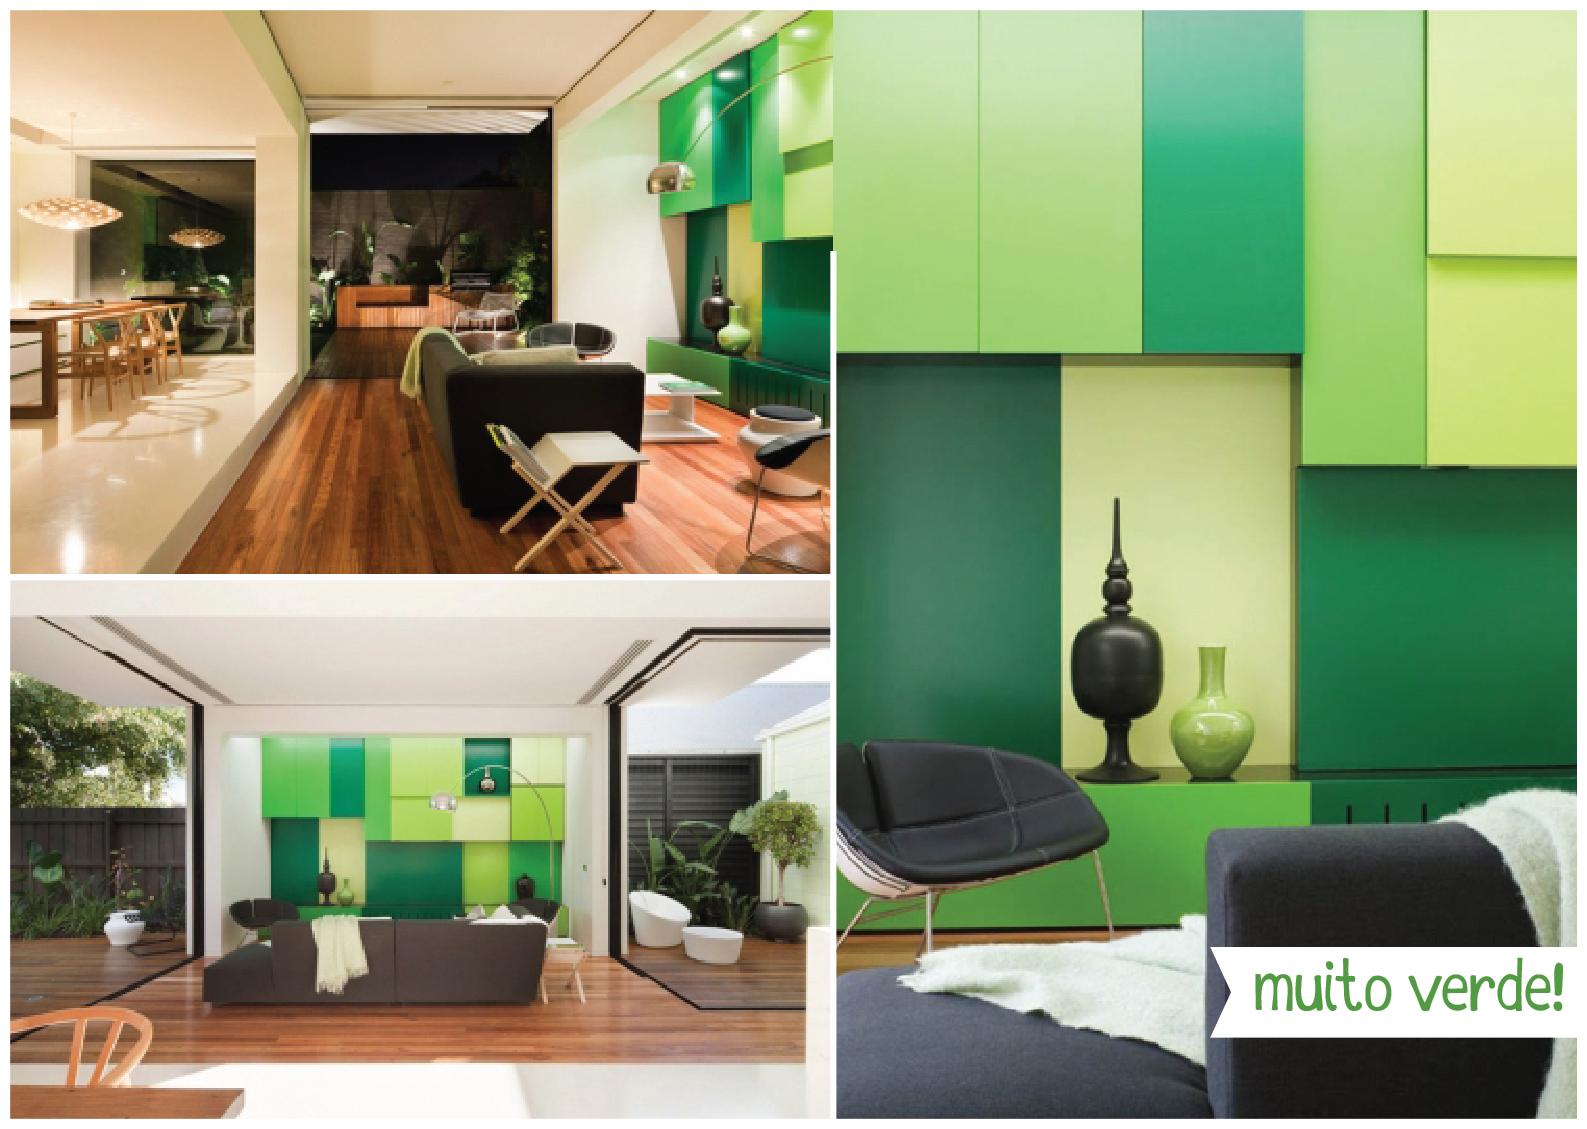 casa_verde-02